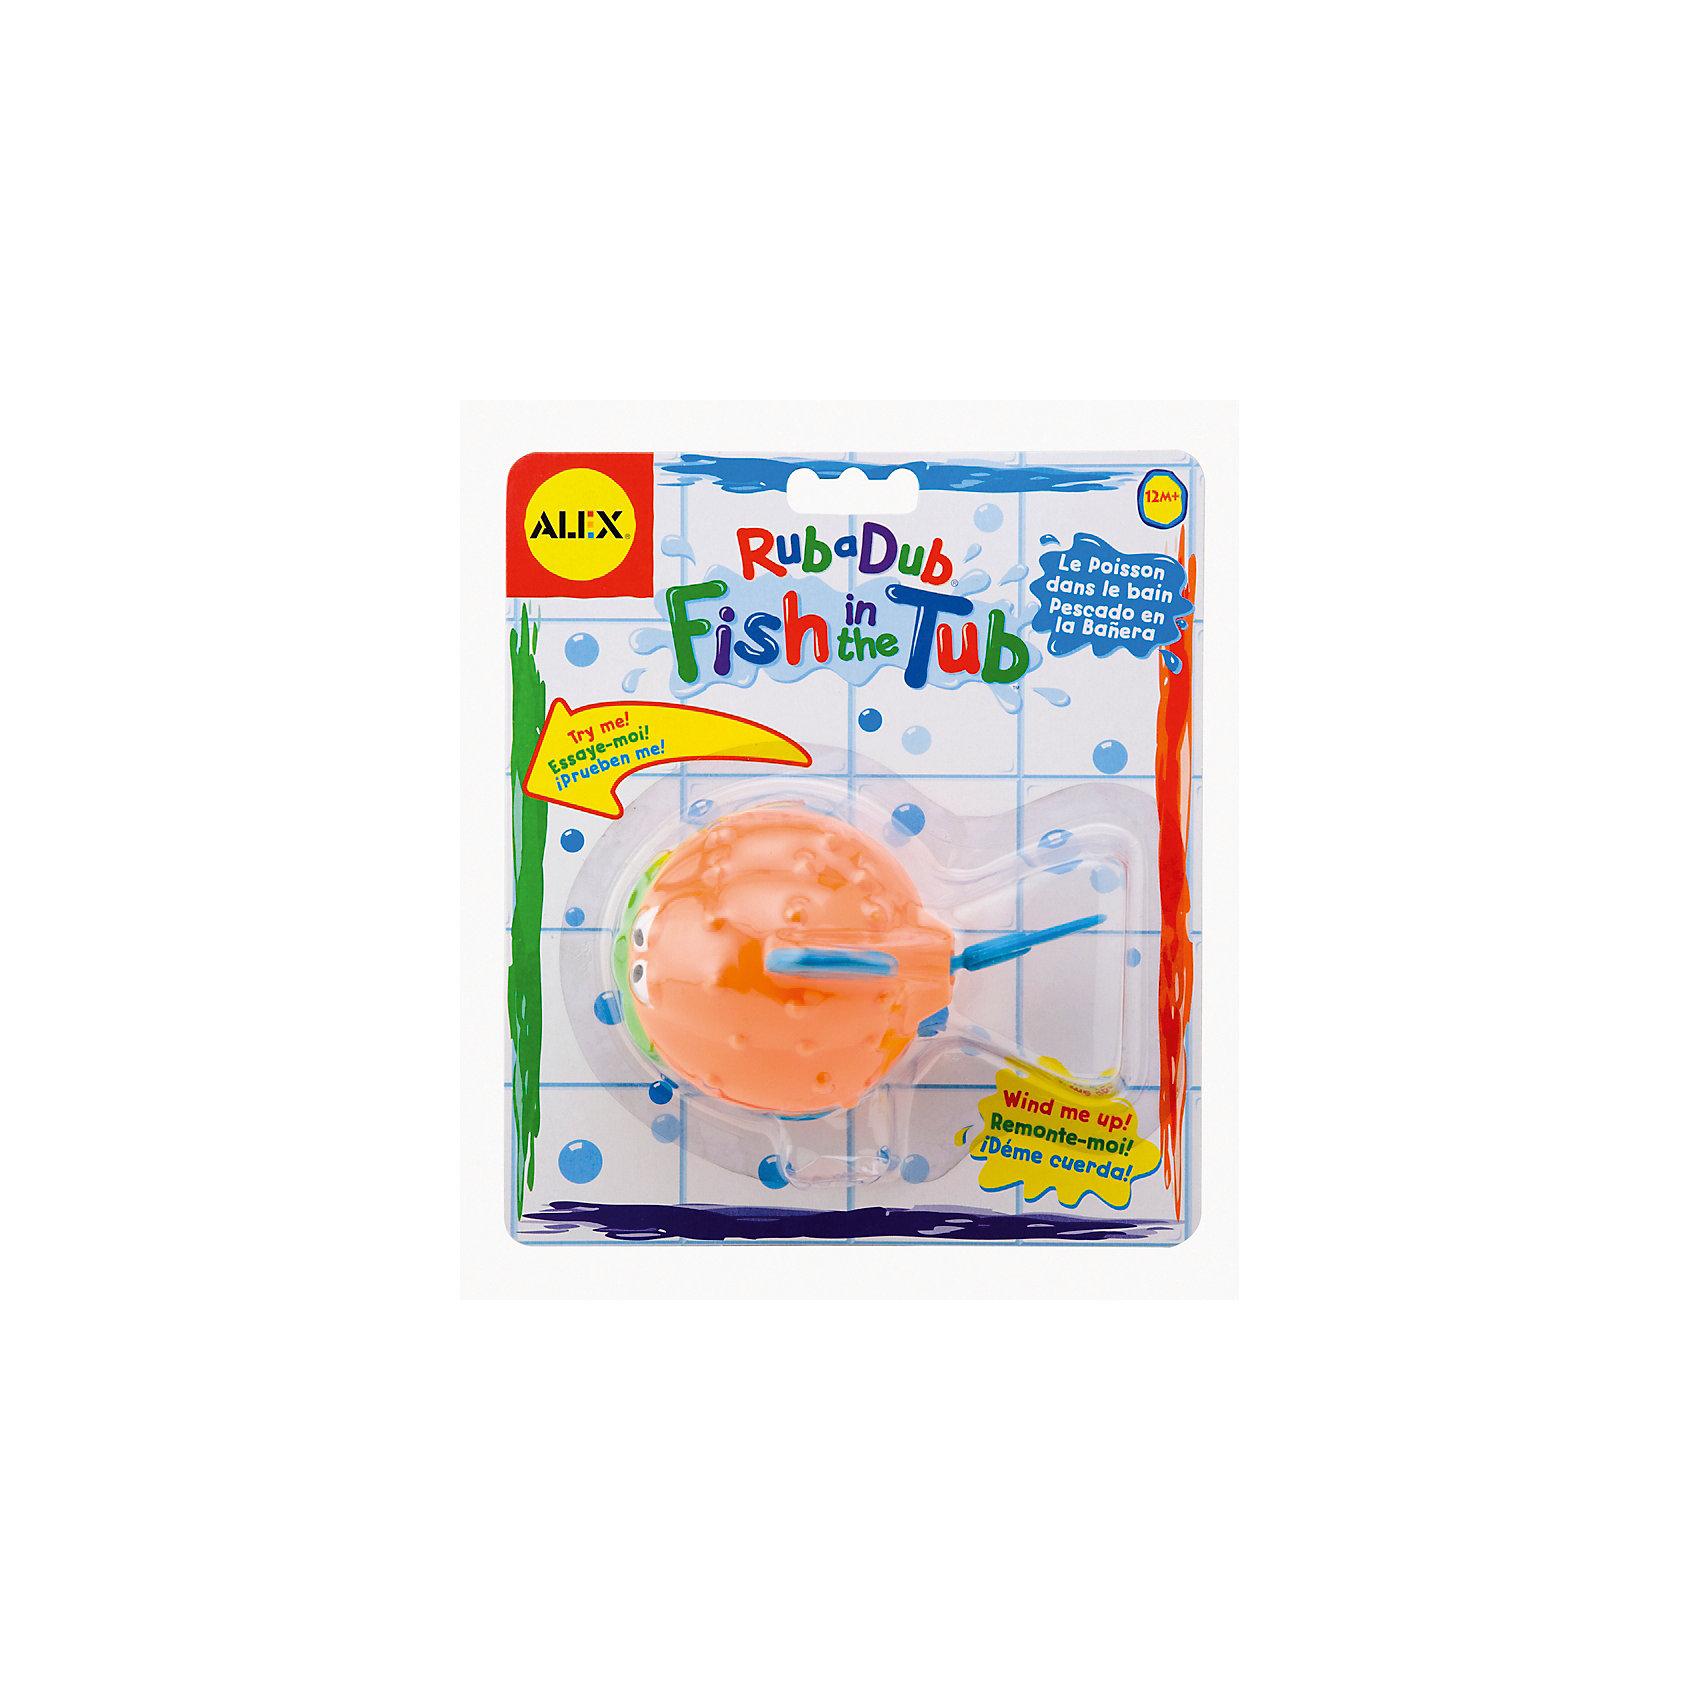 Игрушка для ванны Рыба-ёж, ALEXЛейки и поливалки<br>Игрушка для ванны Рыба-ёж, ALEX (Алекс)<br><br>Характеристики:<br><br>• двигается в воде<br>• заводной механизм<br>• материал: пластик<br>• длина игрушки - 12,5 см<br>• размер упаковки: 20х17,5х5 см<br>• вес: 105 грамм<br><br>Маленькая рыба-ёж ALEX подарит ребенку незабываемые впечатления во время купания! При повороте рычага рыбка начинает забавно двигаться и плавать. С этой игрушкой кроха полюбит купаться, ведь маленькая рыба-ёж очень веселая и интересная!<br><br>Игрушку для ванны Рыба-ёж, ALEX (Алекс) можно купить в нашем интернет-магазине.<br><br>Ширина мм: 177<br>Глубина мм: 76<br>Высота мм: 203<br>Вес г: 270<br>Возраст от месяцев: 12<br>Возраст до месяцев: 2147483647<br>Пол: Унисекс<br>Возраст: Детский<br>SKU: 5503312